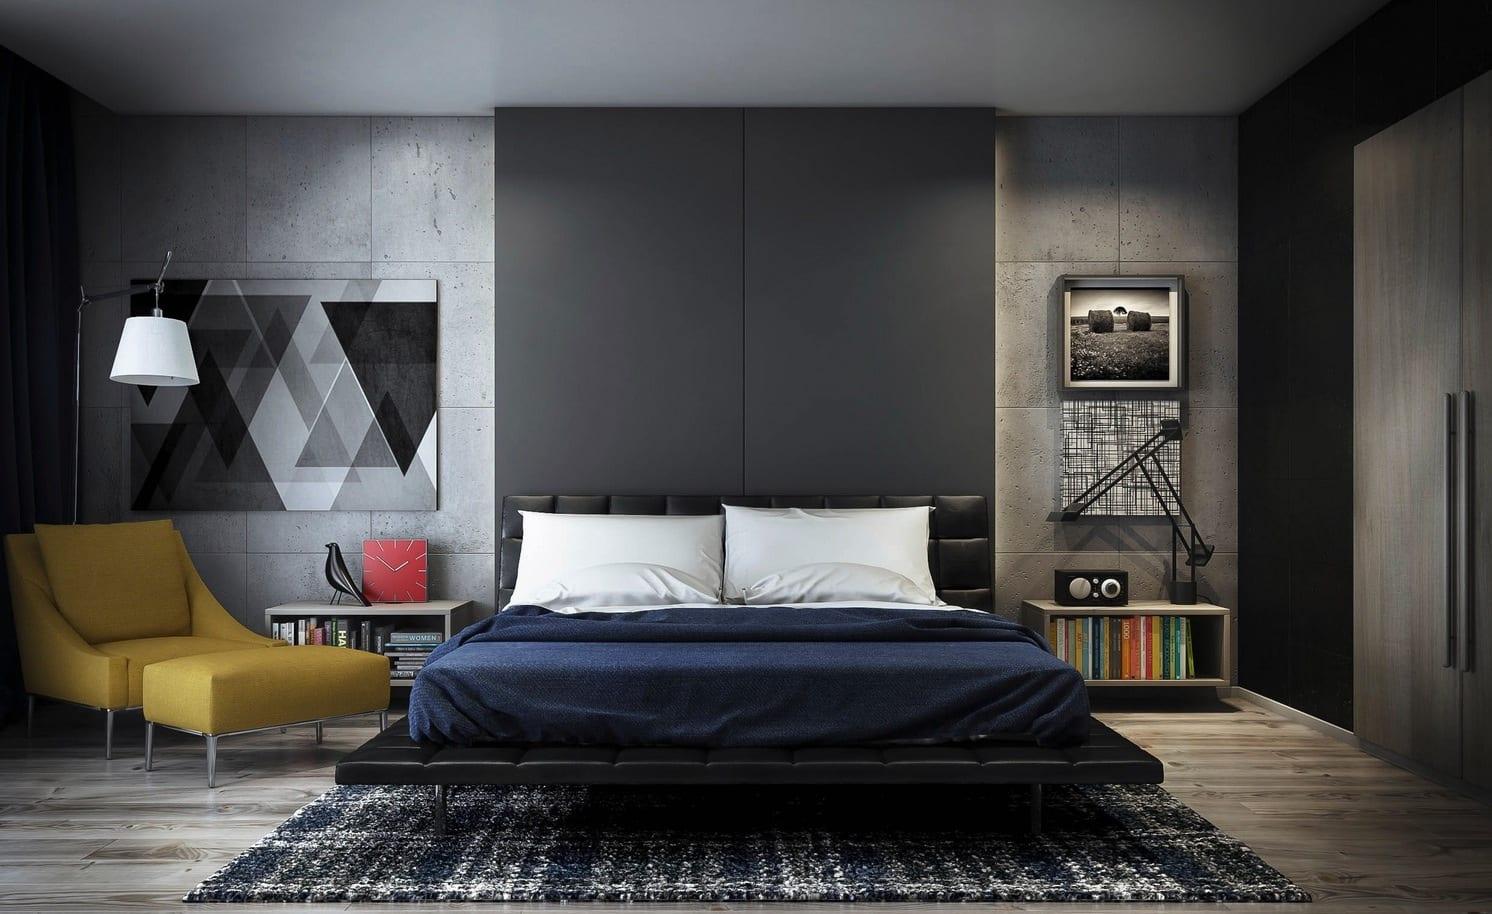 Attraktiv Modernes Interior Aus Beton Schlafzimmer Grau Mit Sichtbetonwänden